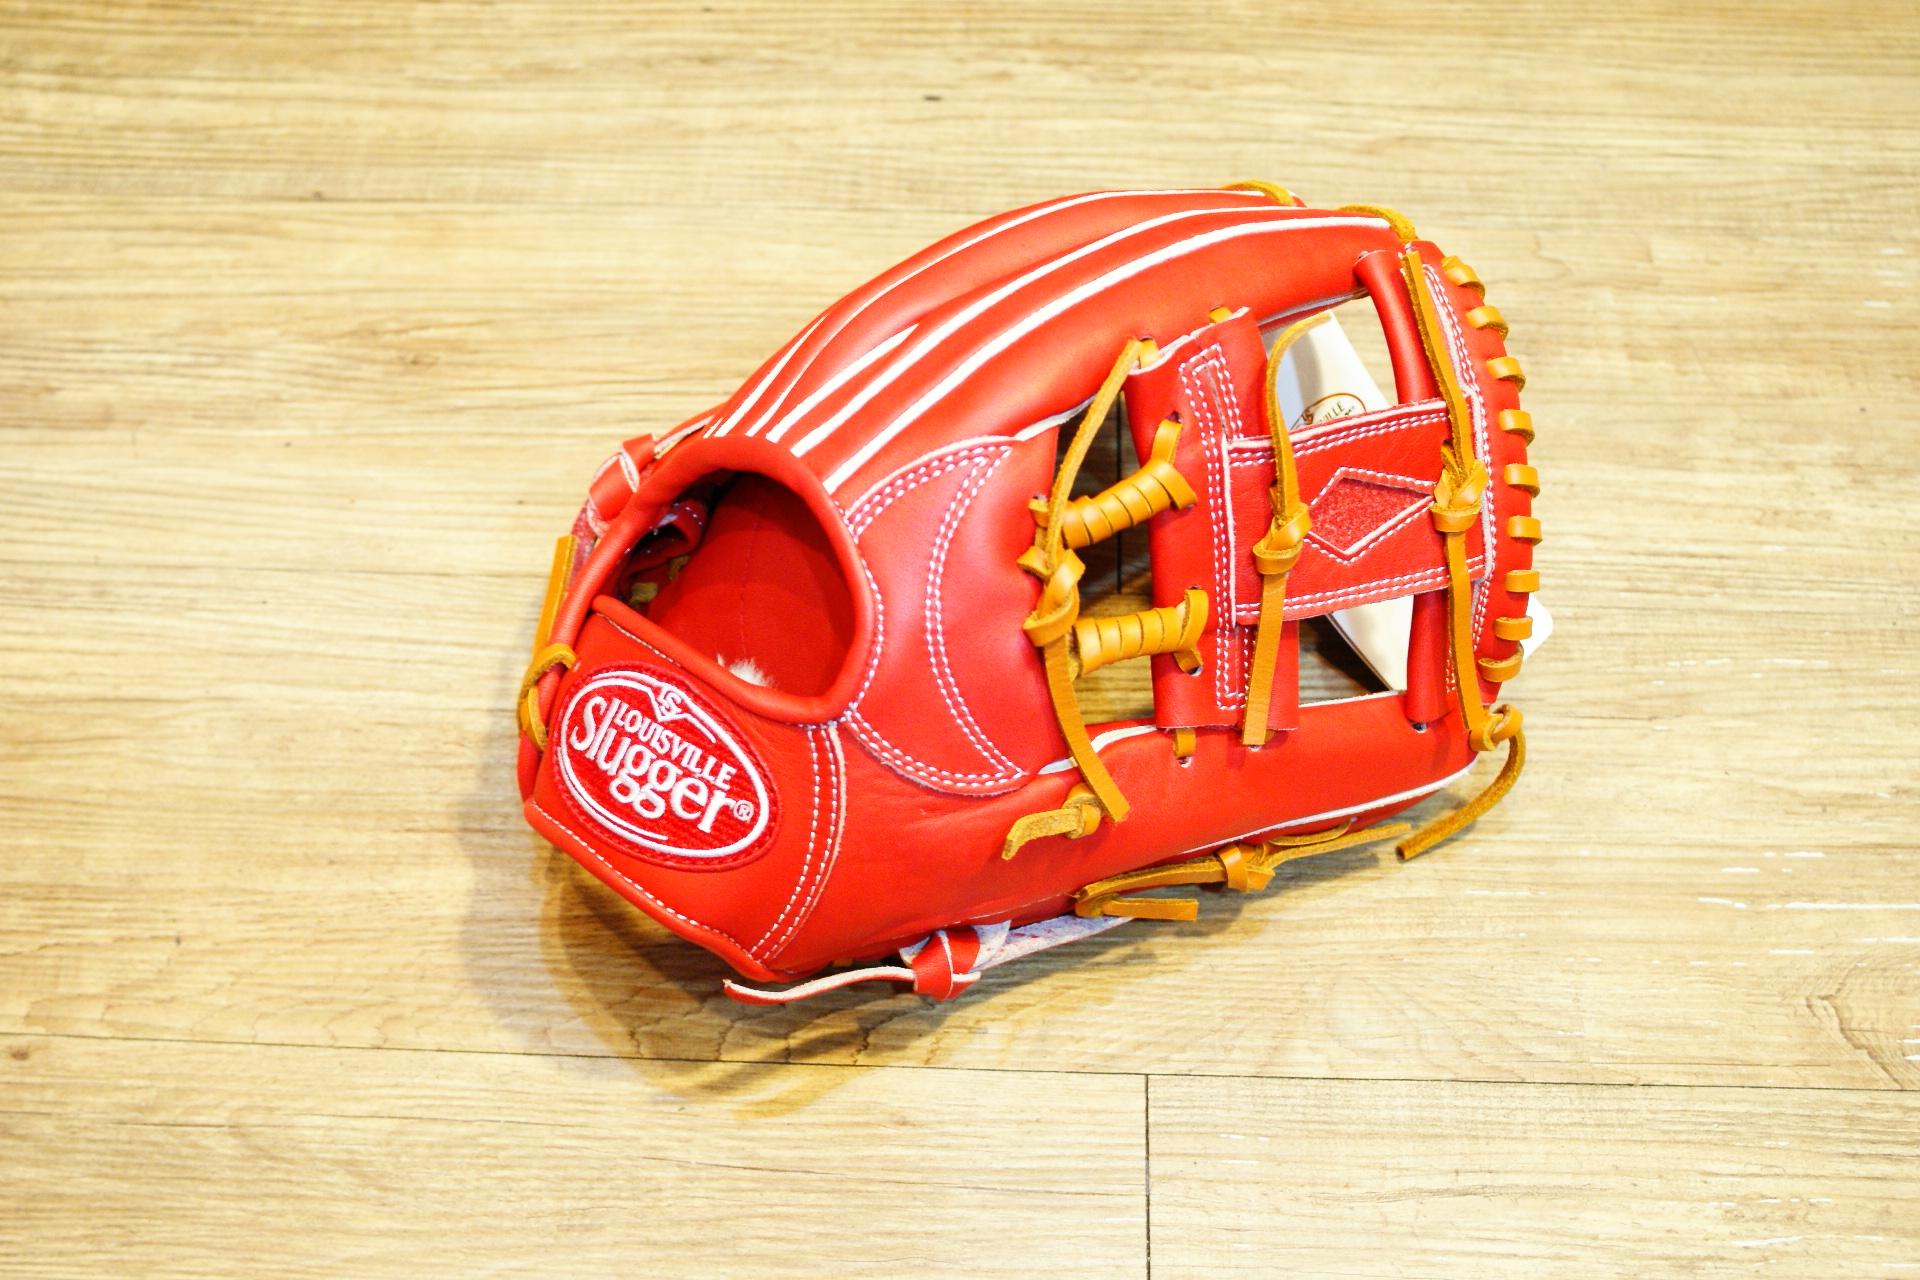 棒球世界全新 Louisville Slugger TPX 金剛系列 硬式棒壘手套 特價 內野工字 紅色